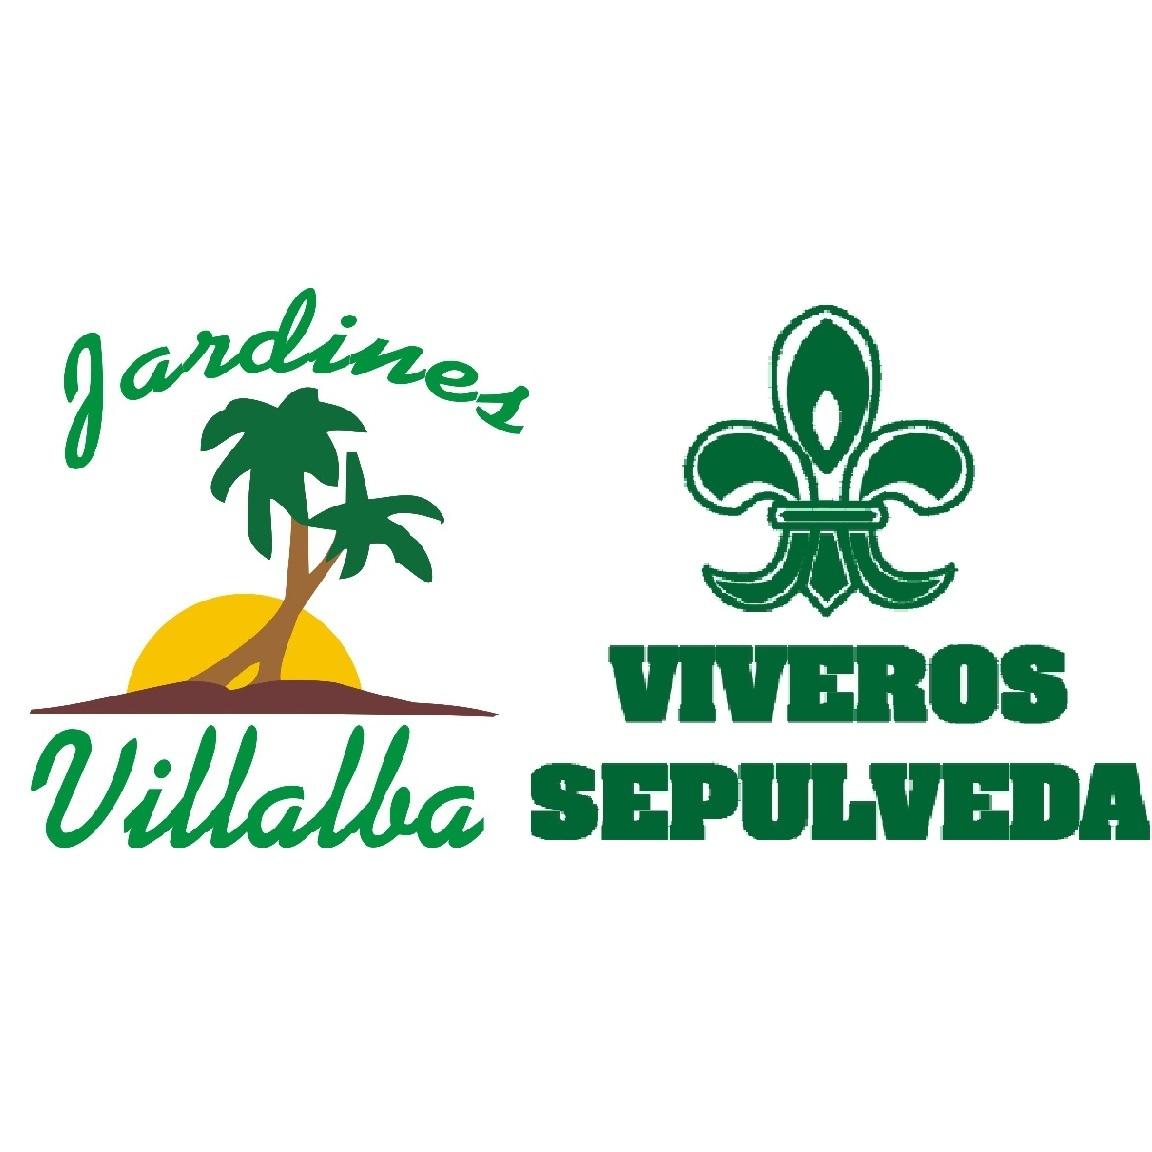 Viveros sep lveda in marbella este calle caqui 13 for Viveros marbella